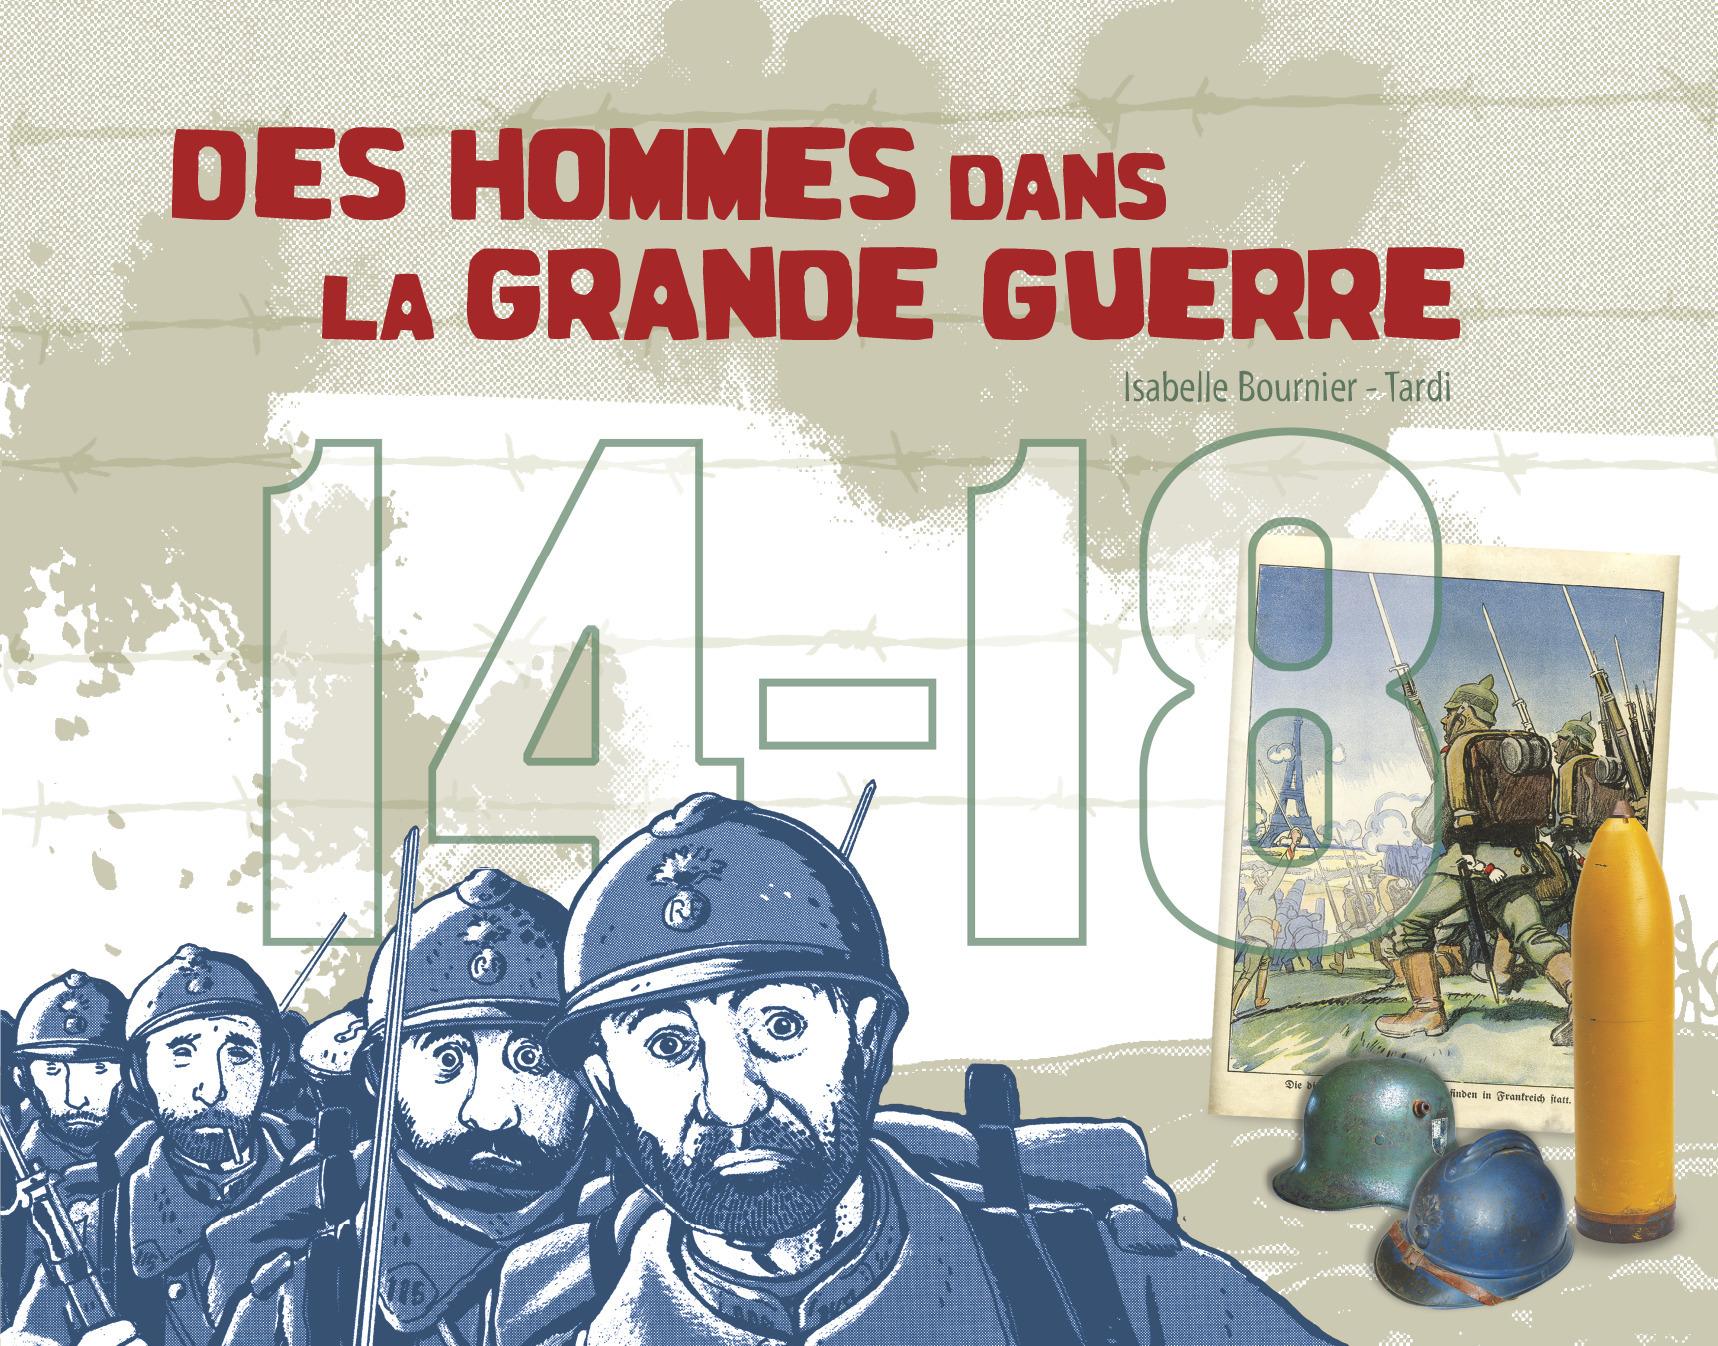 14 - 18, DES HOMMES DANS LA GRANDE GUERRE